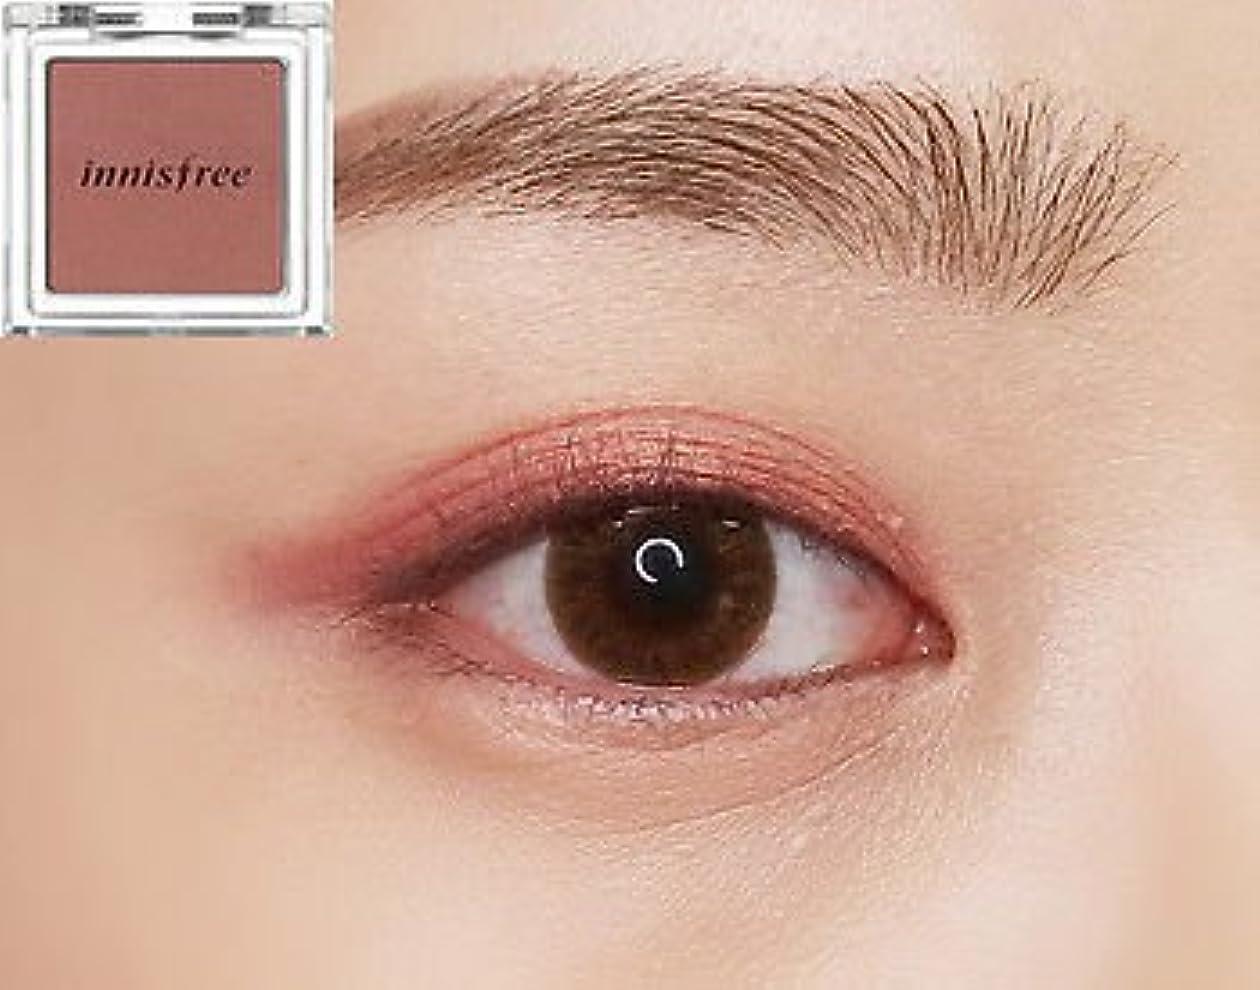 急襲剥離ゴルフ[イニスフリー] innisfree [マイ パレット マイ アイシャドウ (シマ一) 39カラー] MY PALETTE My Eyeshadow (Shimmer) 39 Shades [海外直送品] (シマ一 #24)